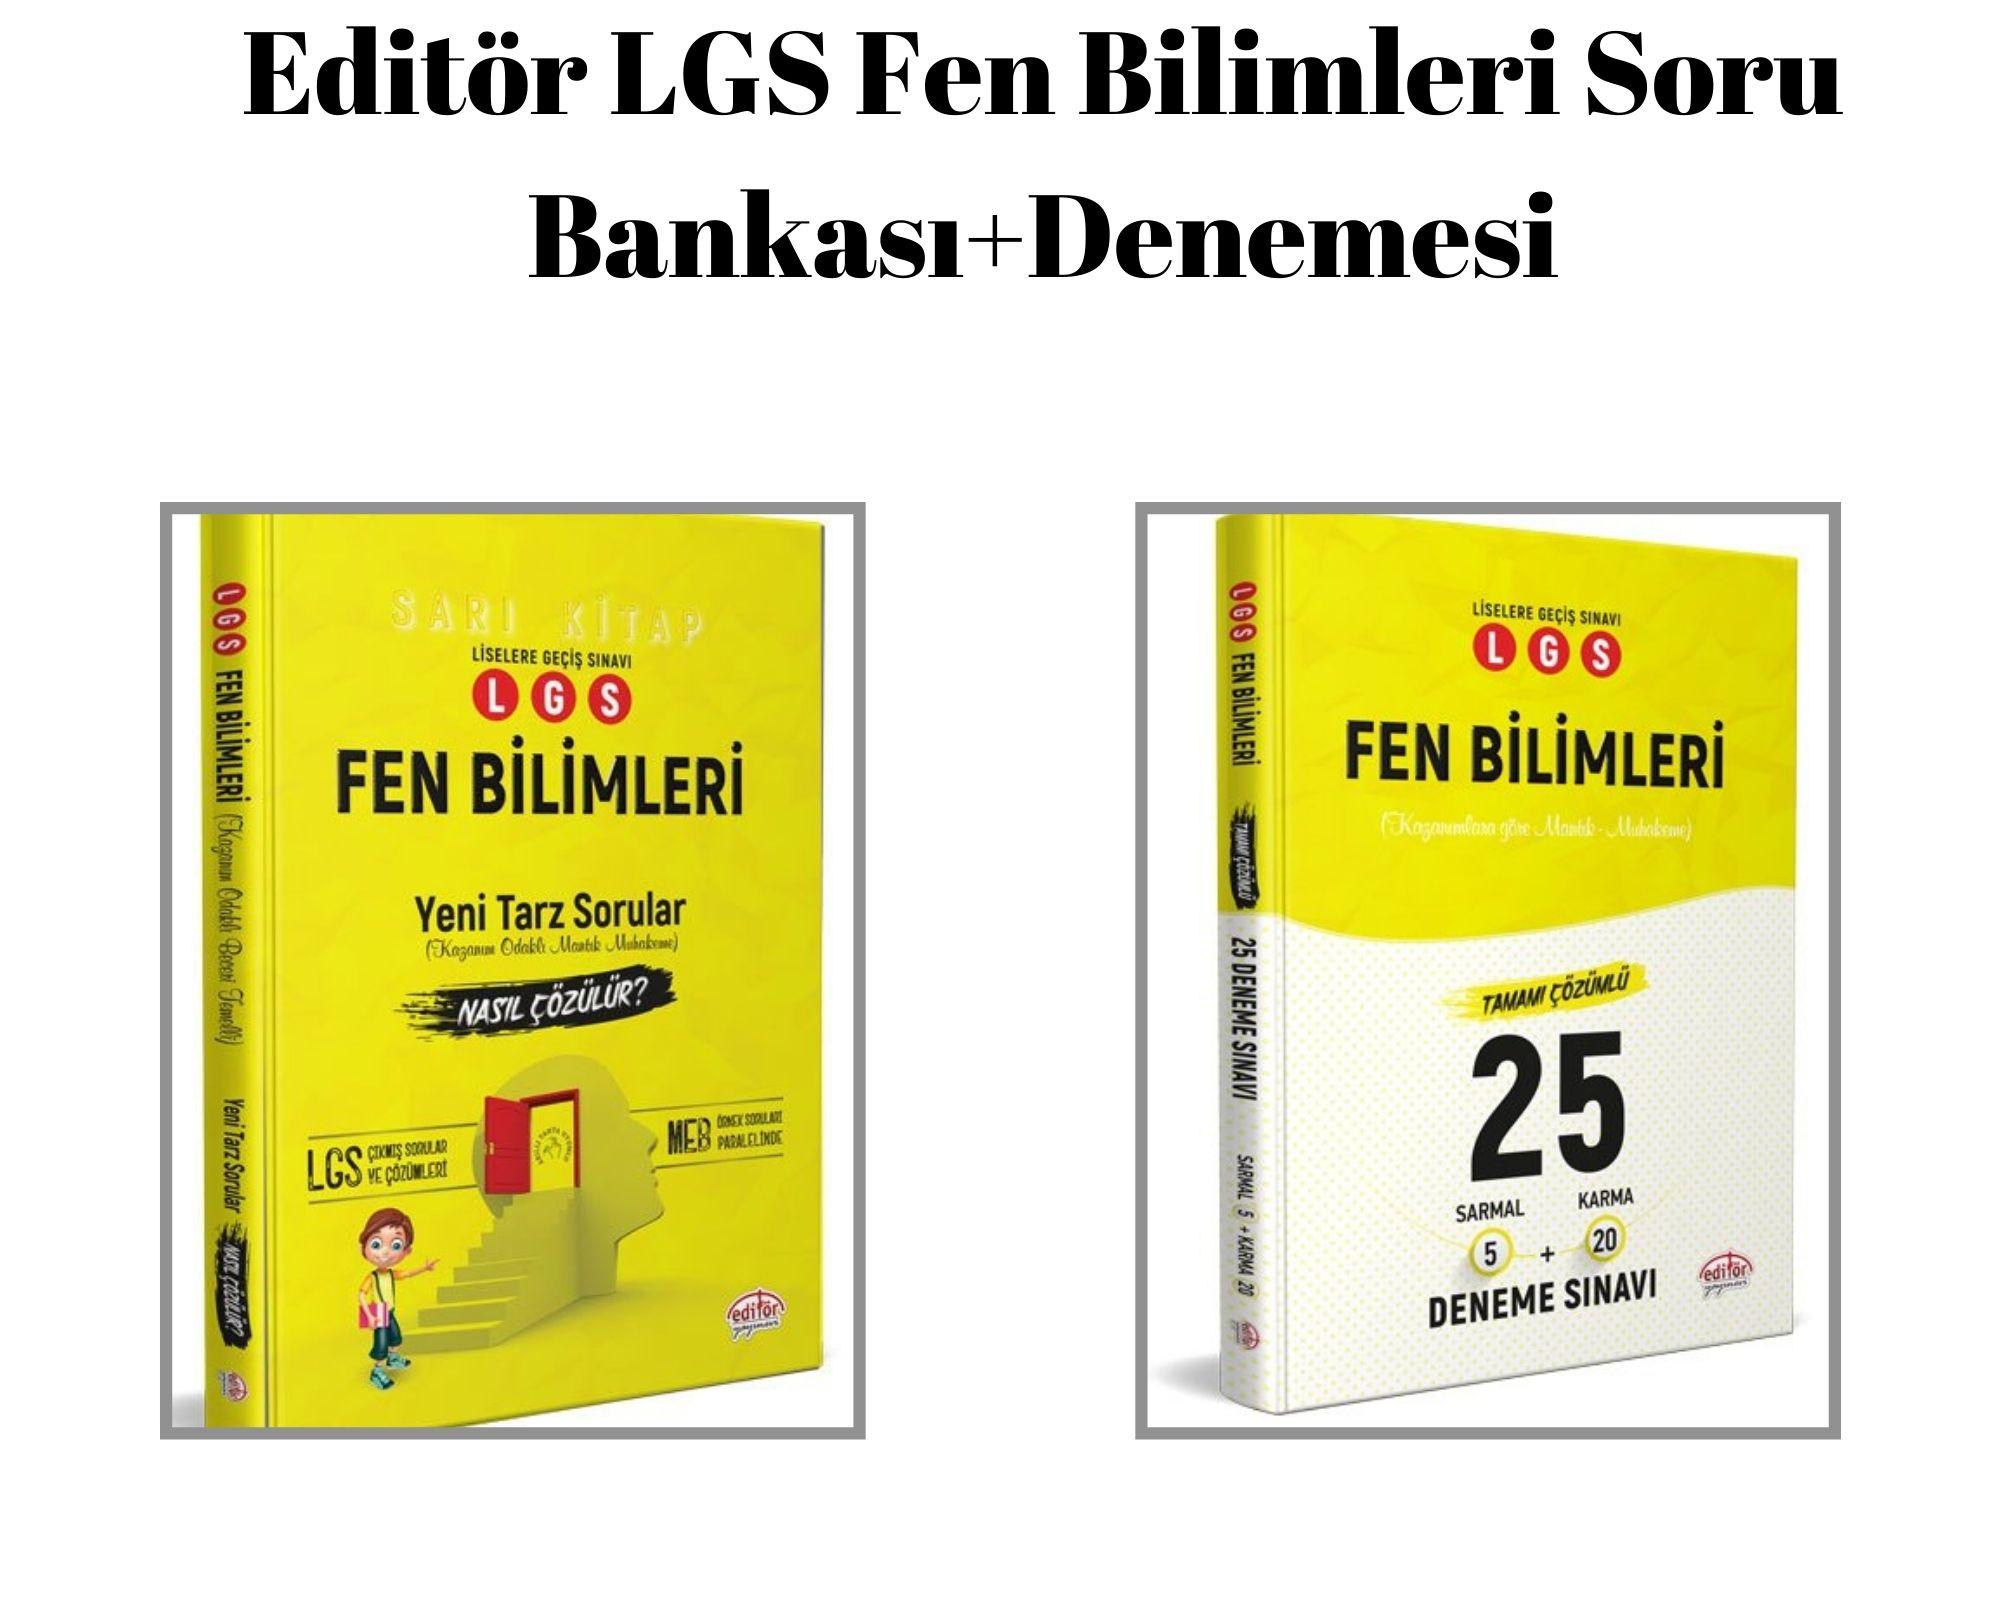 Editör LGS Fen Bilimleri Soru Bankası+Denemesi